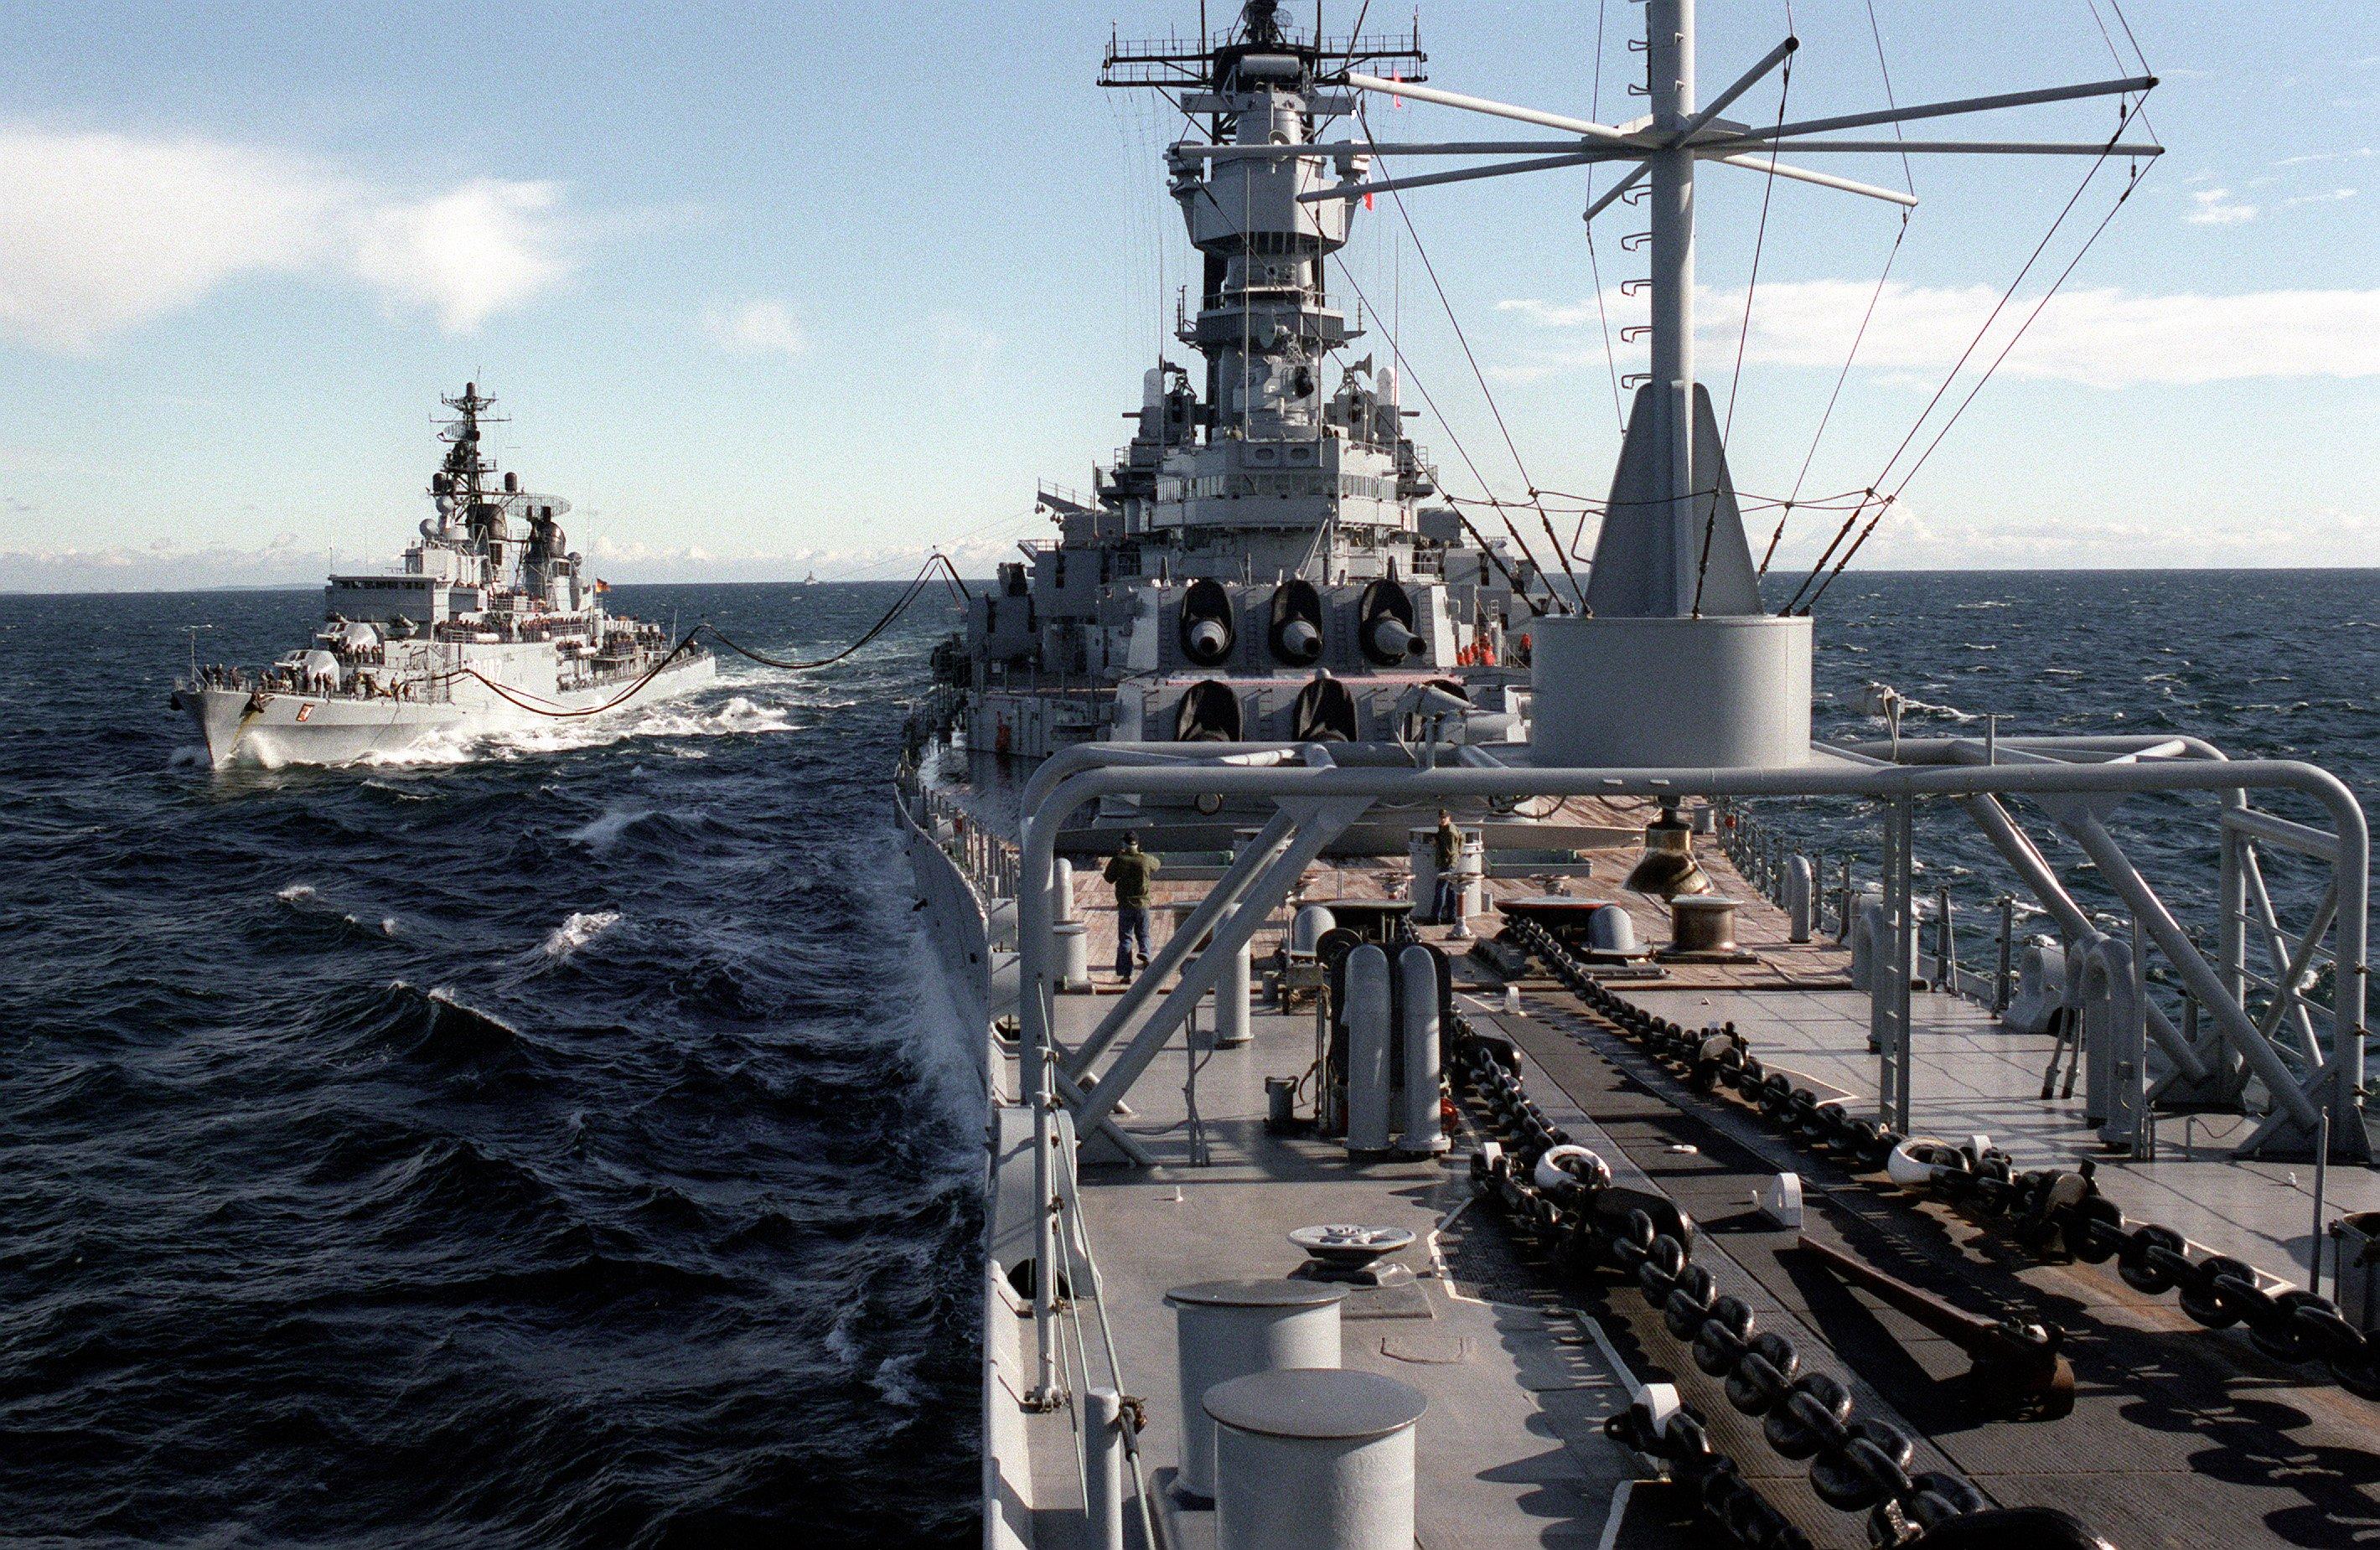 Schleswig Holstein Battleship File:schleswig-holstein